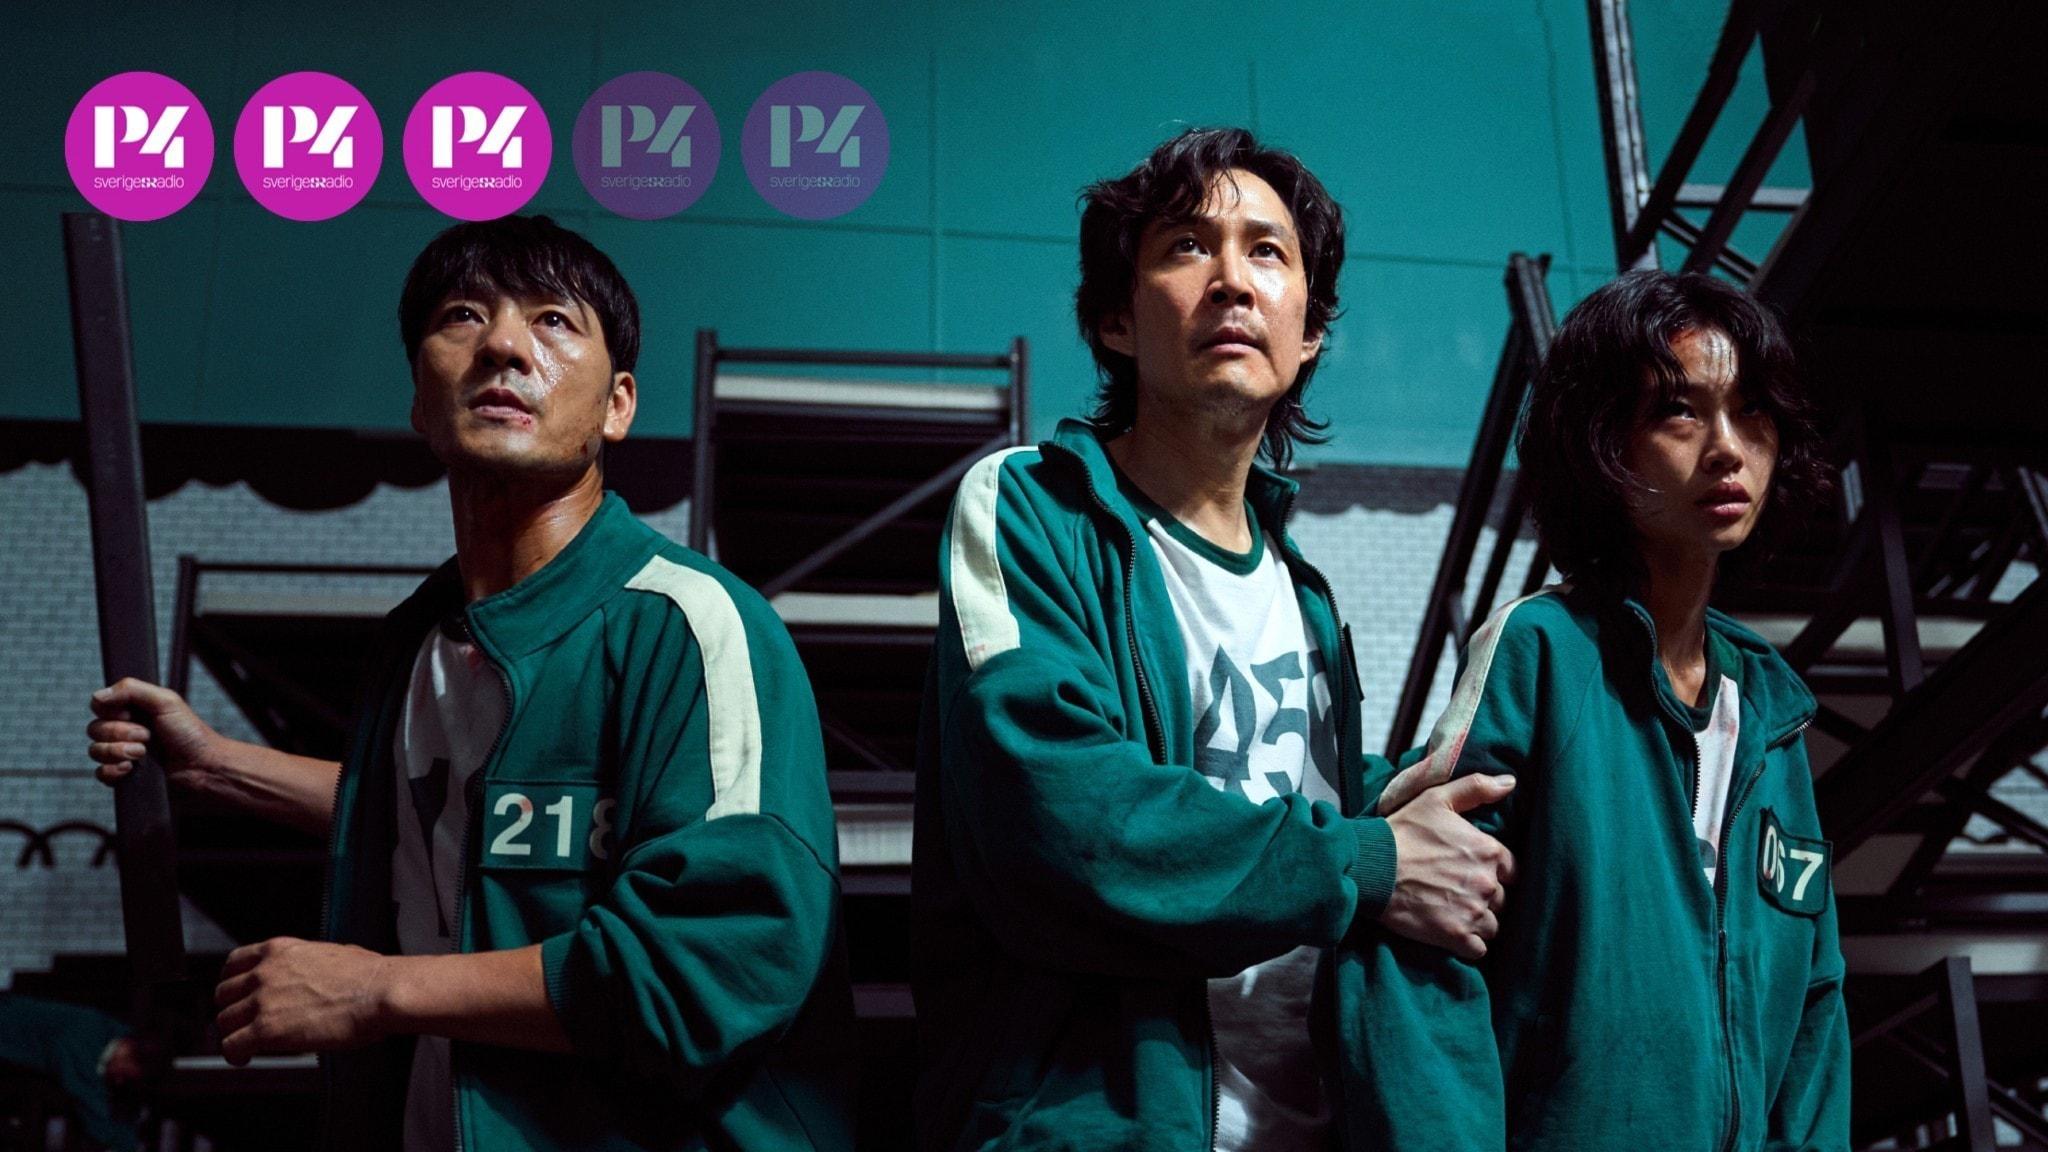 Stillbild från serien Squid game. Blodiga personer klädda i gröna träningsoveraller med tillhyggen i händerna.